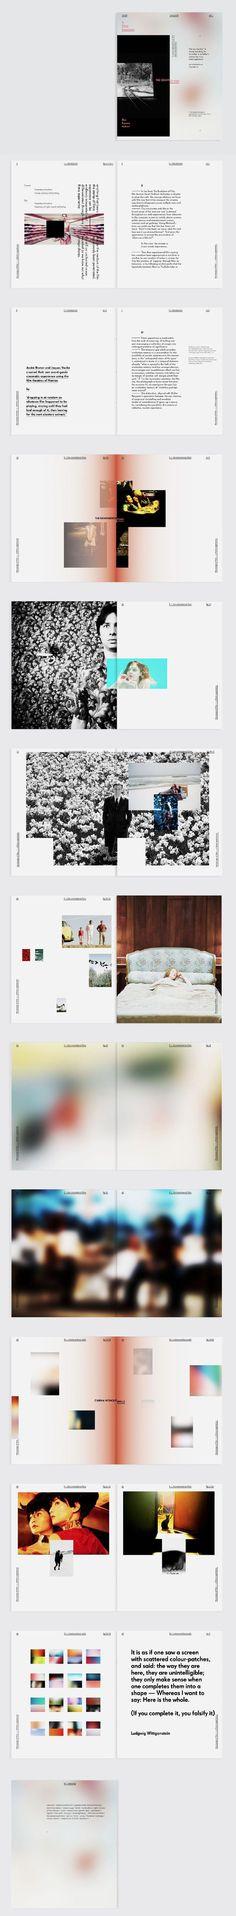 Zheng Joo | Editorial Design                                                                                                                                                                                 More